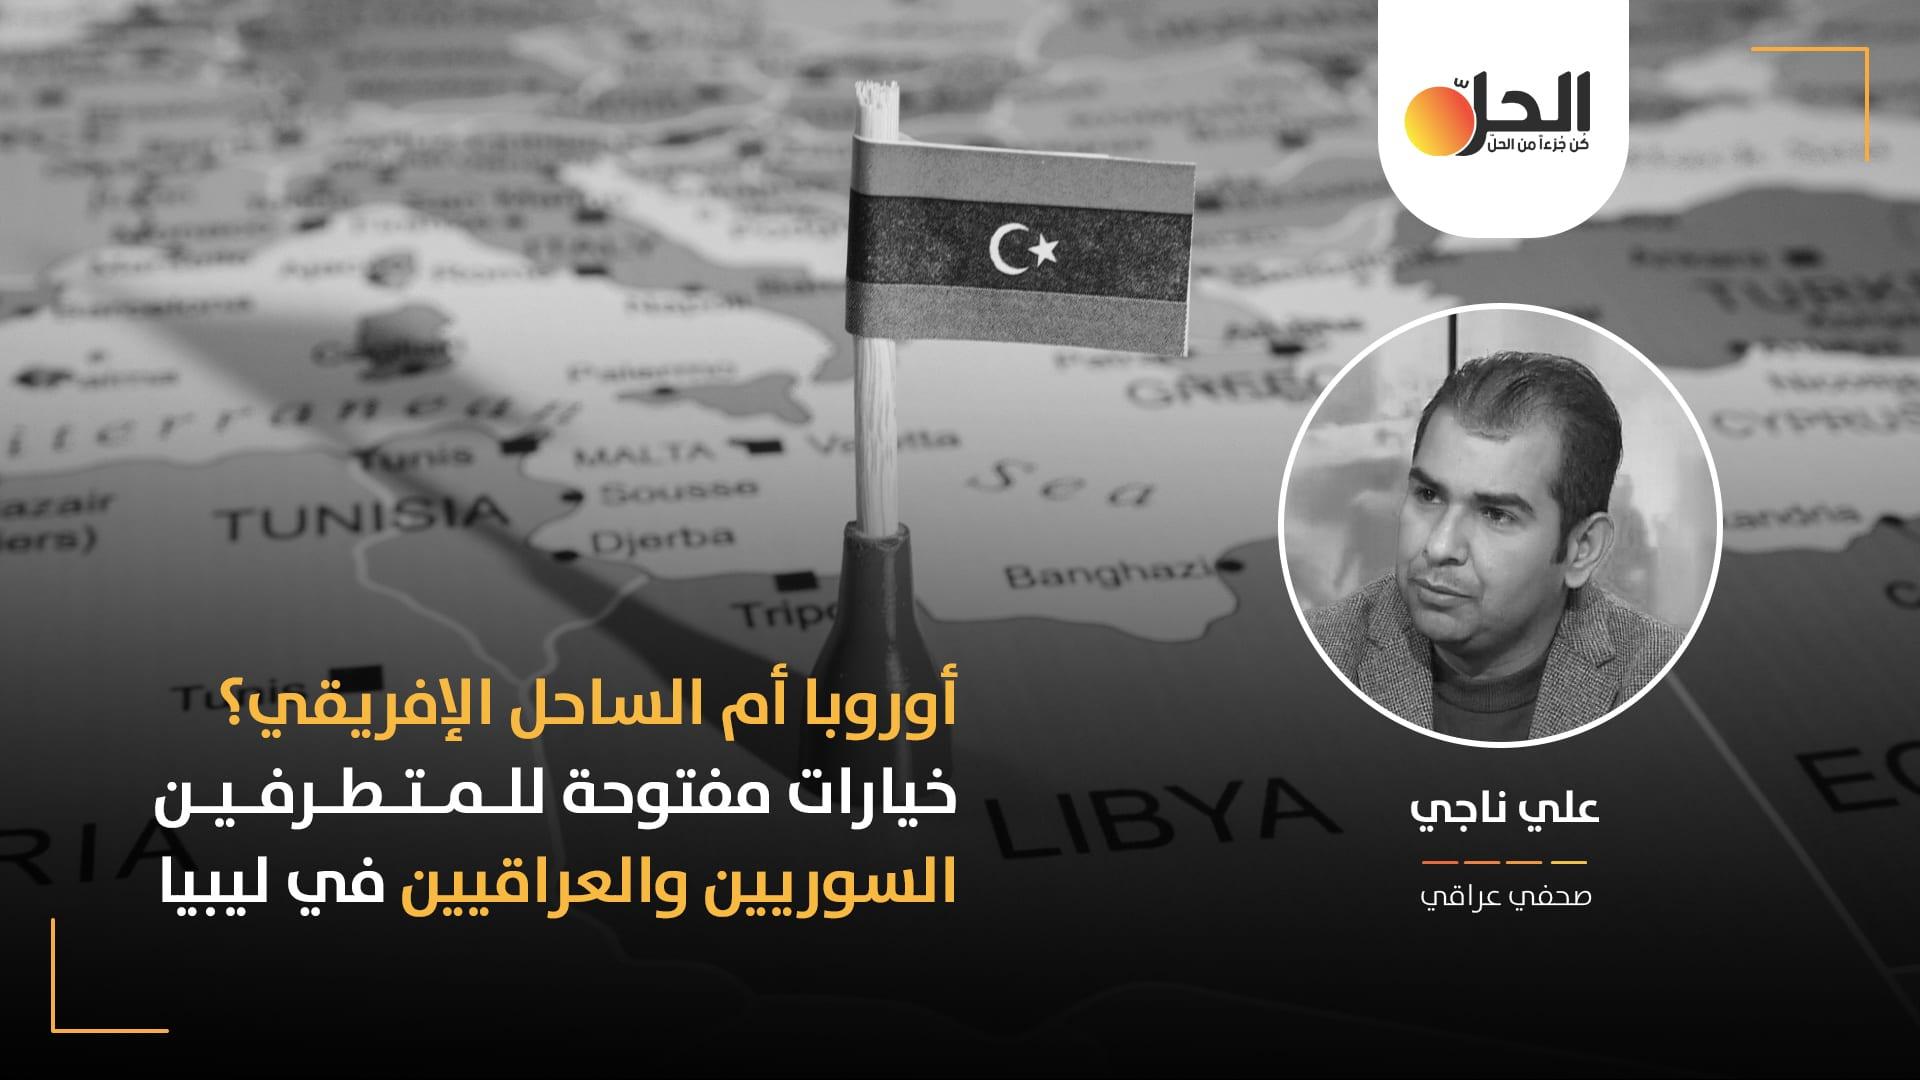 """تيه الجهاديين بعد سقوط """"الدولة"""": إلى أين سيهاجر المتطرفون السوريون والعراقيون عقب استقرار الأوضاع في ليبيا؟"""